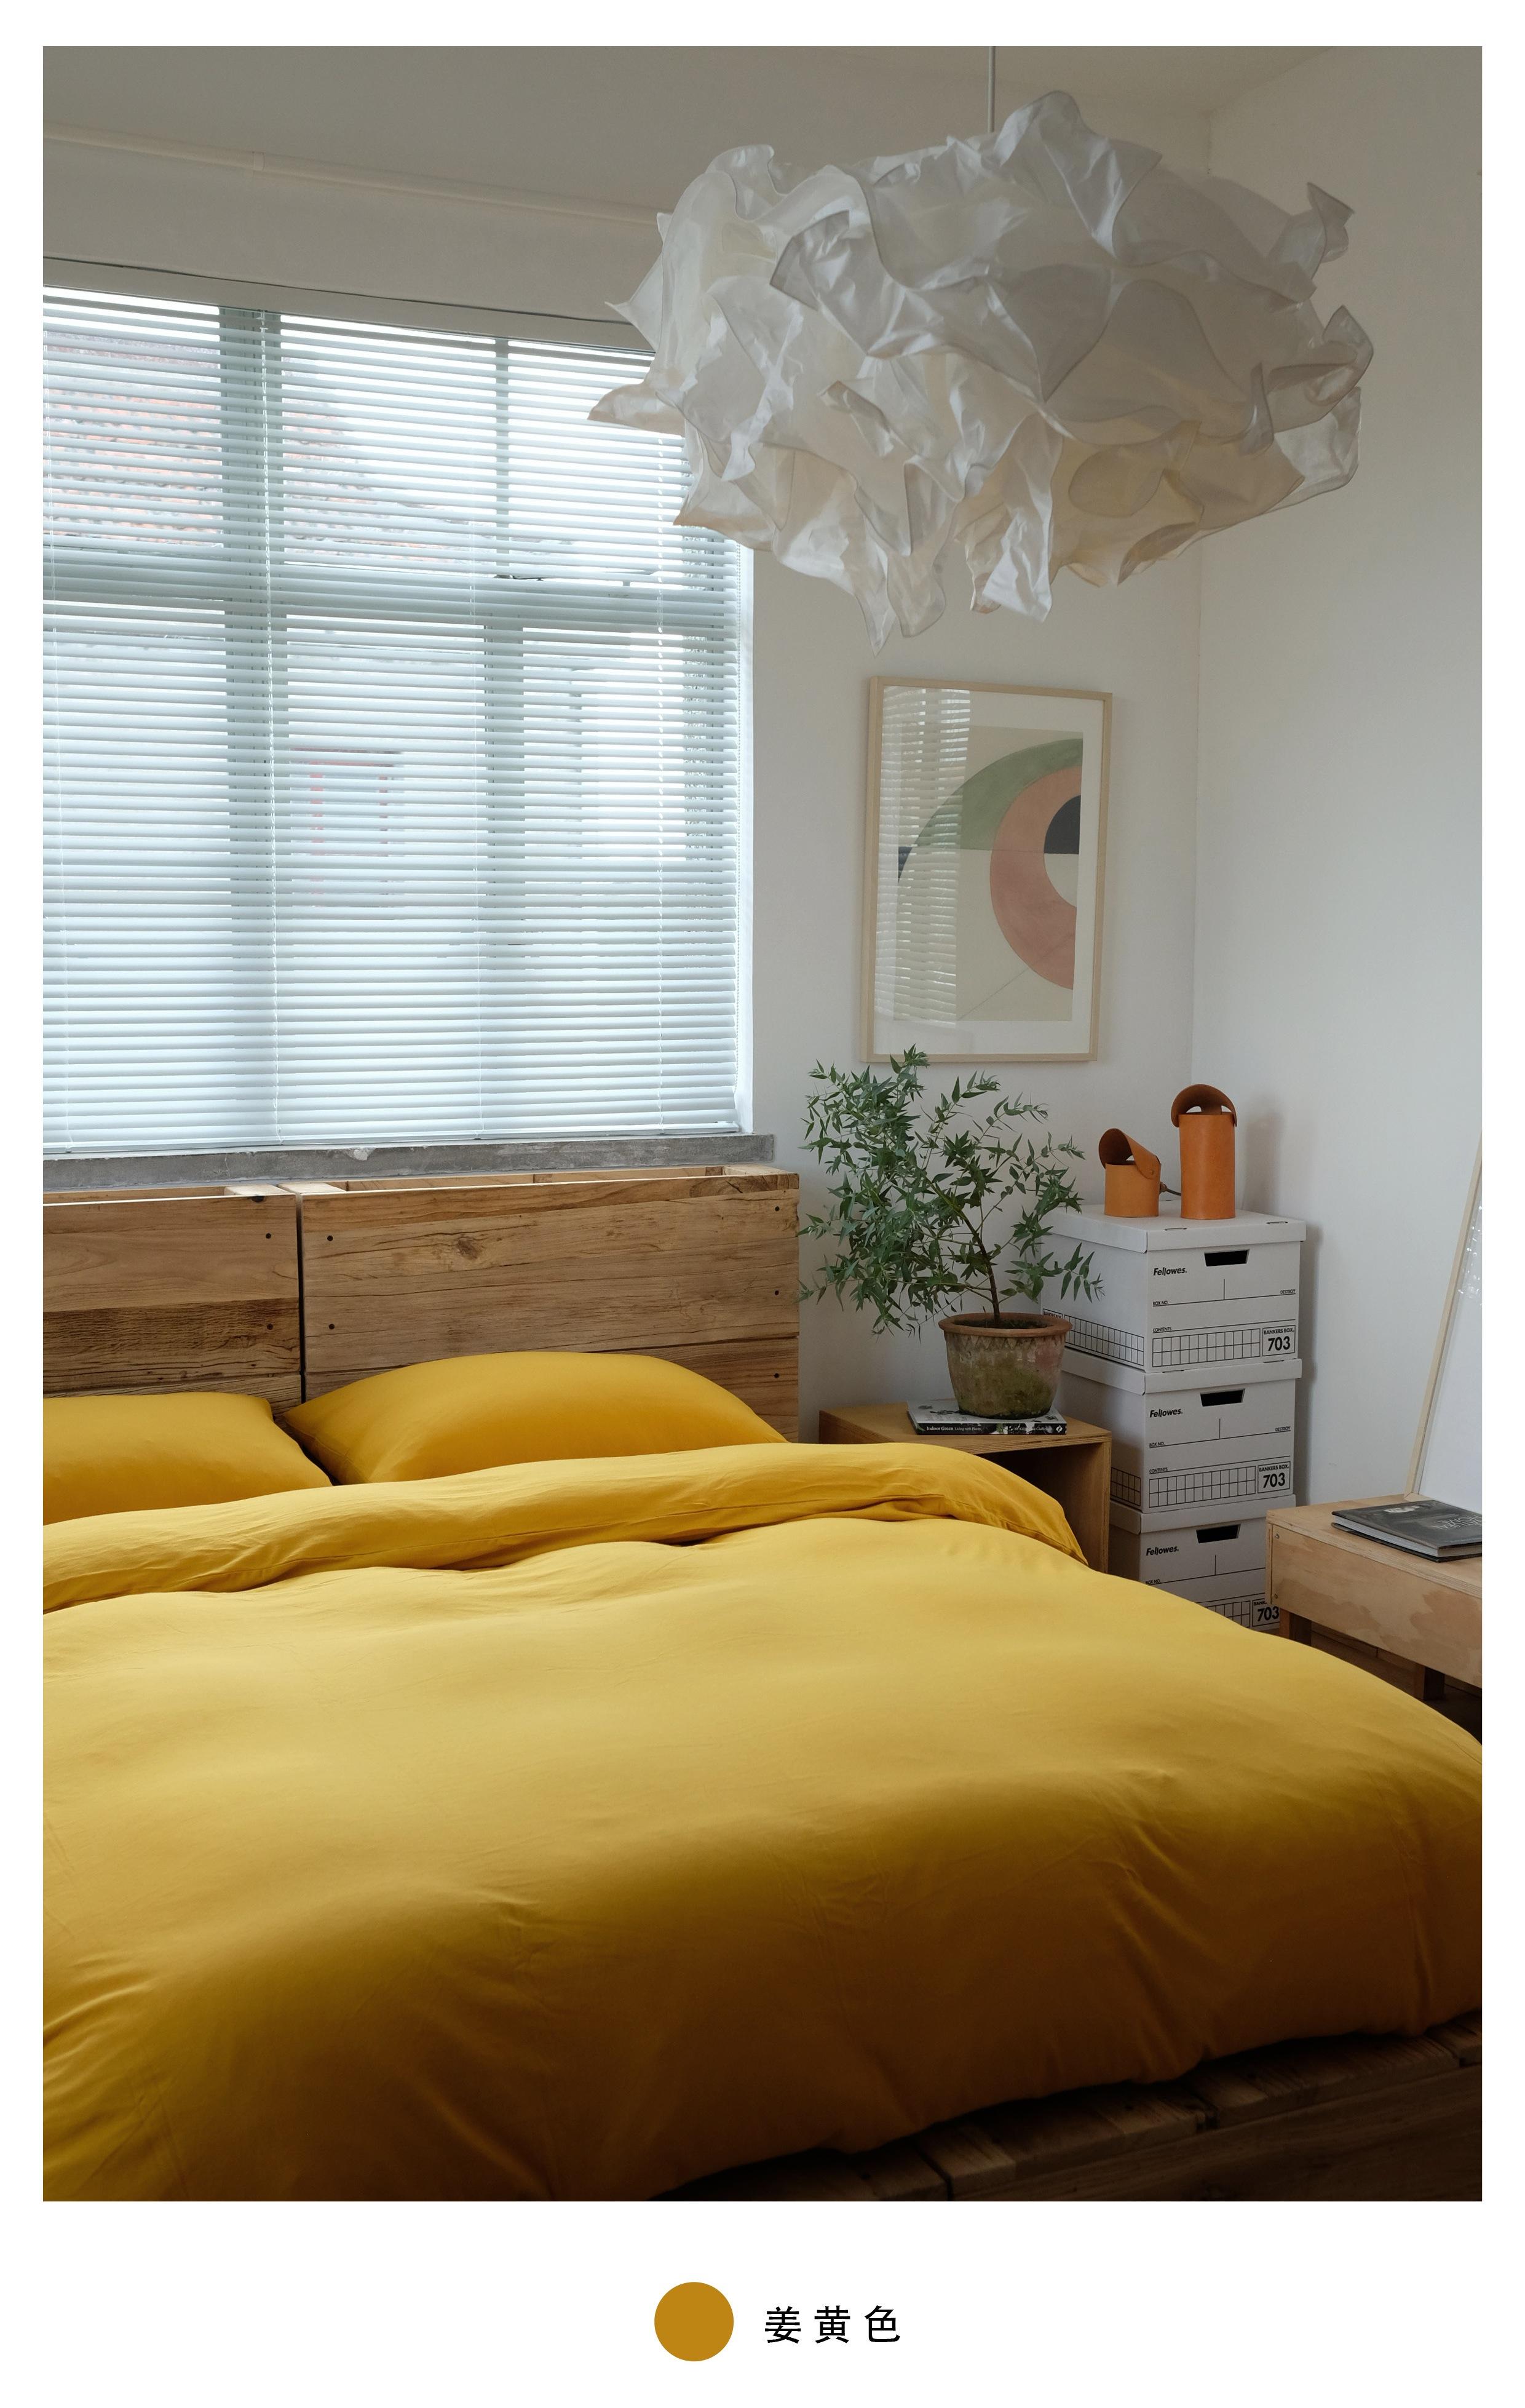 直物人纯棉柔软针织棉纯色裸睡床品四件套新增五色床笠款床单款